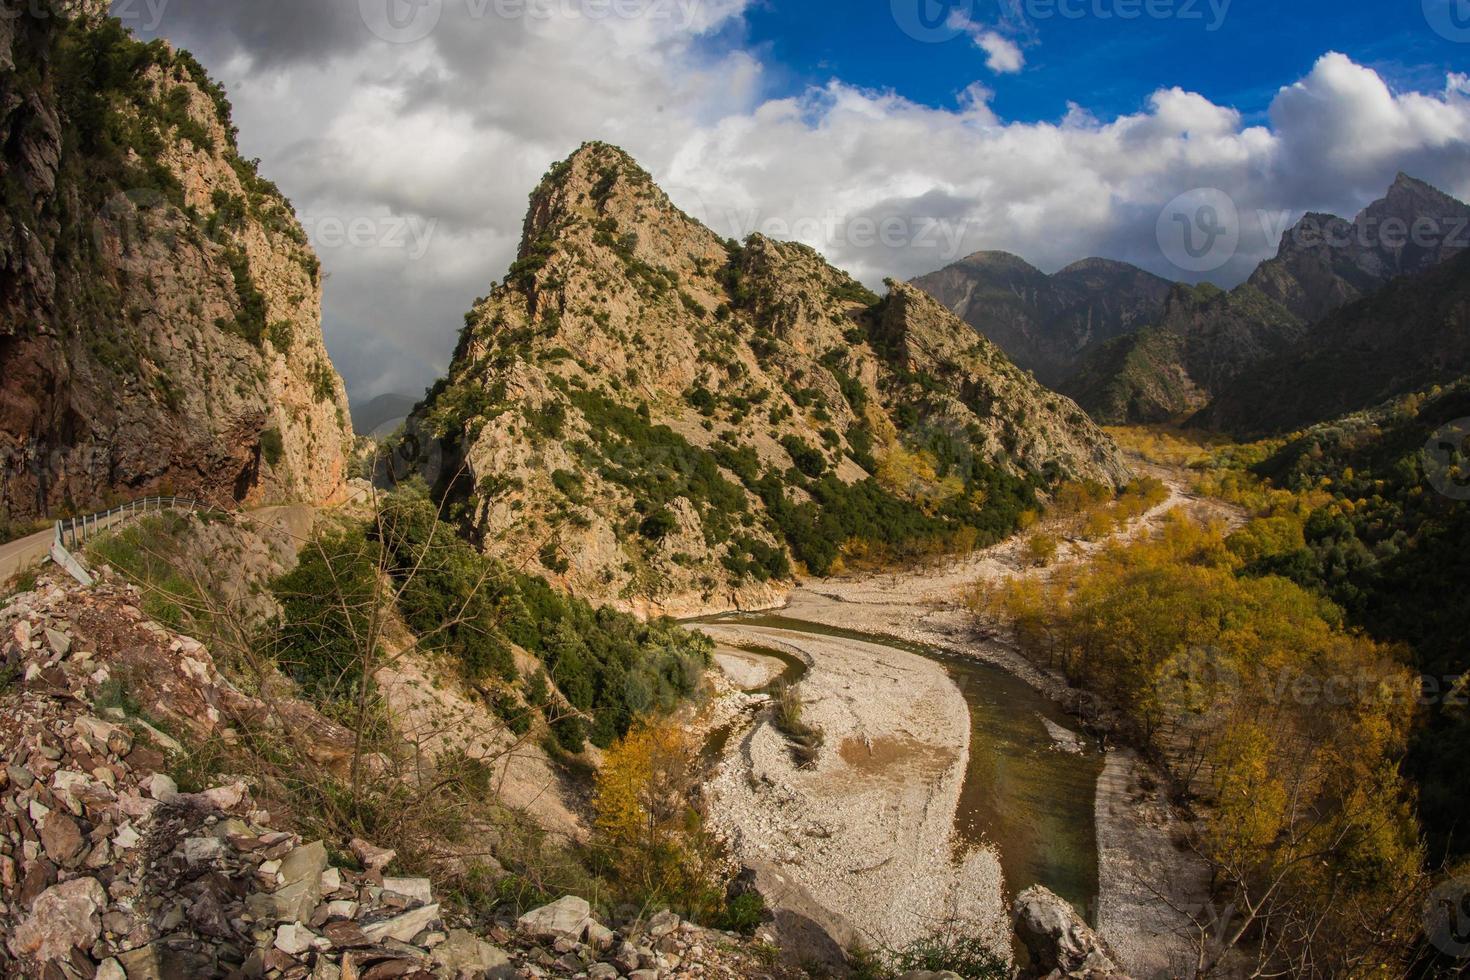 schilderachtige herfst berglandschap met een rivier foto